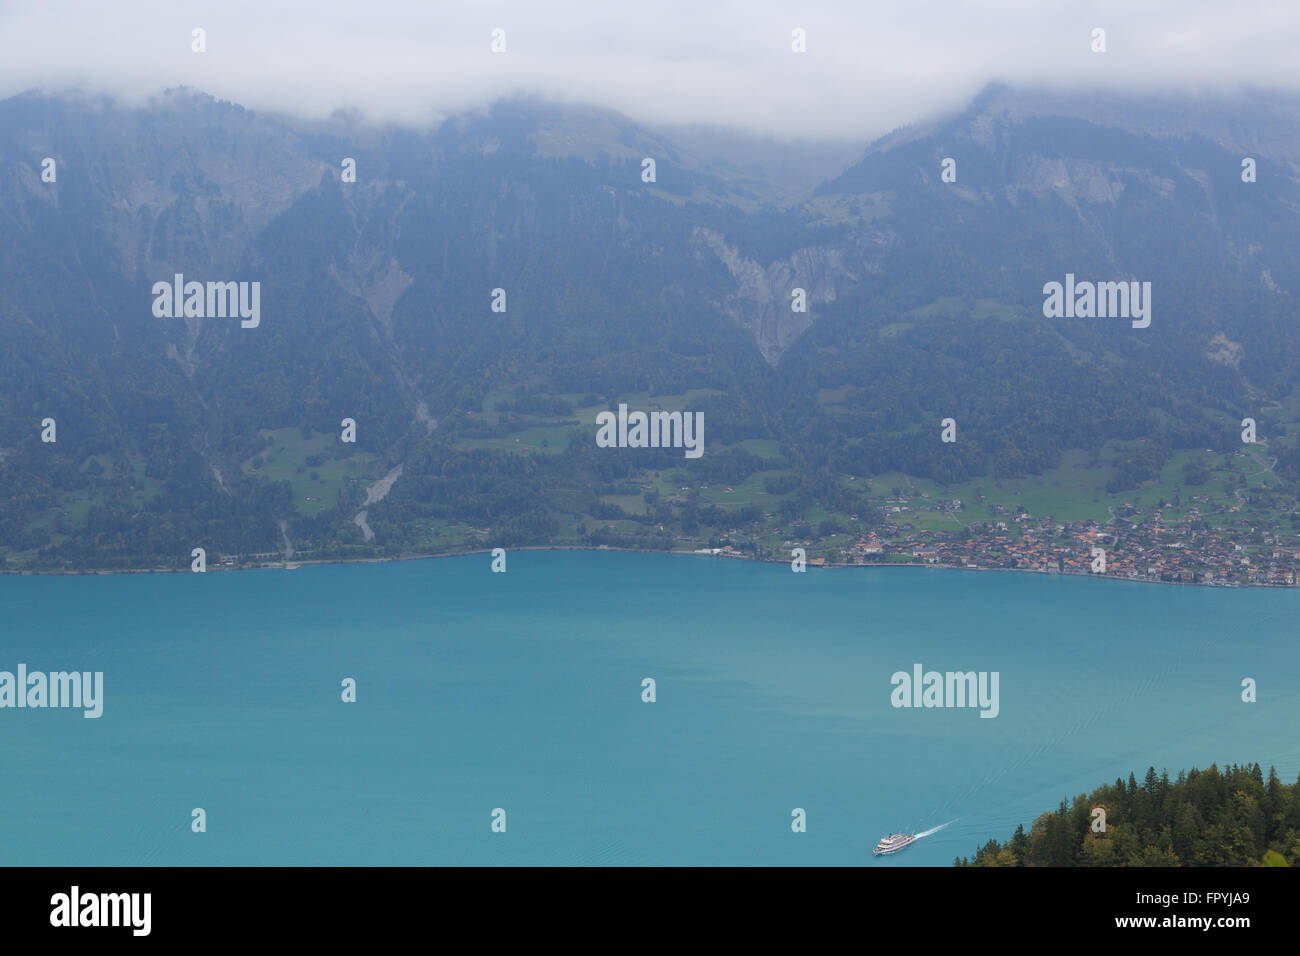 Un paesaggio fotografia di un traghetto passeggeri sul lago di Brienz in Svizzera. Foto Stock